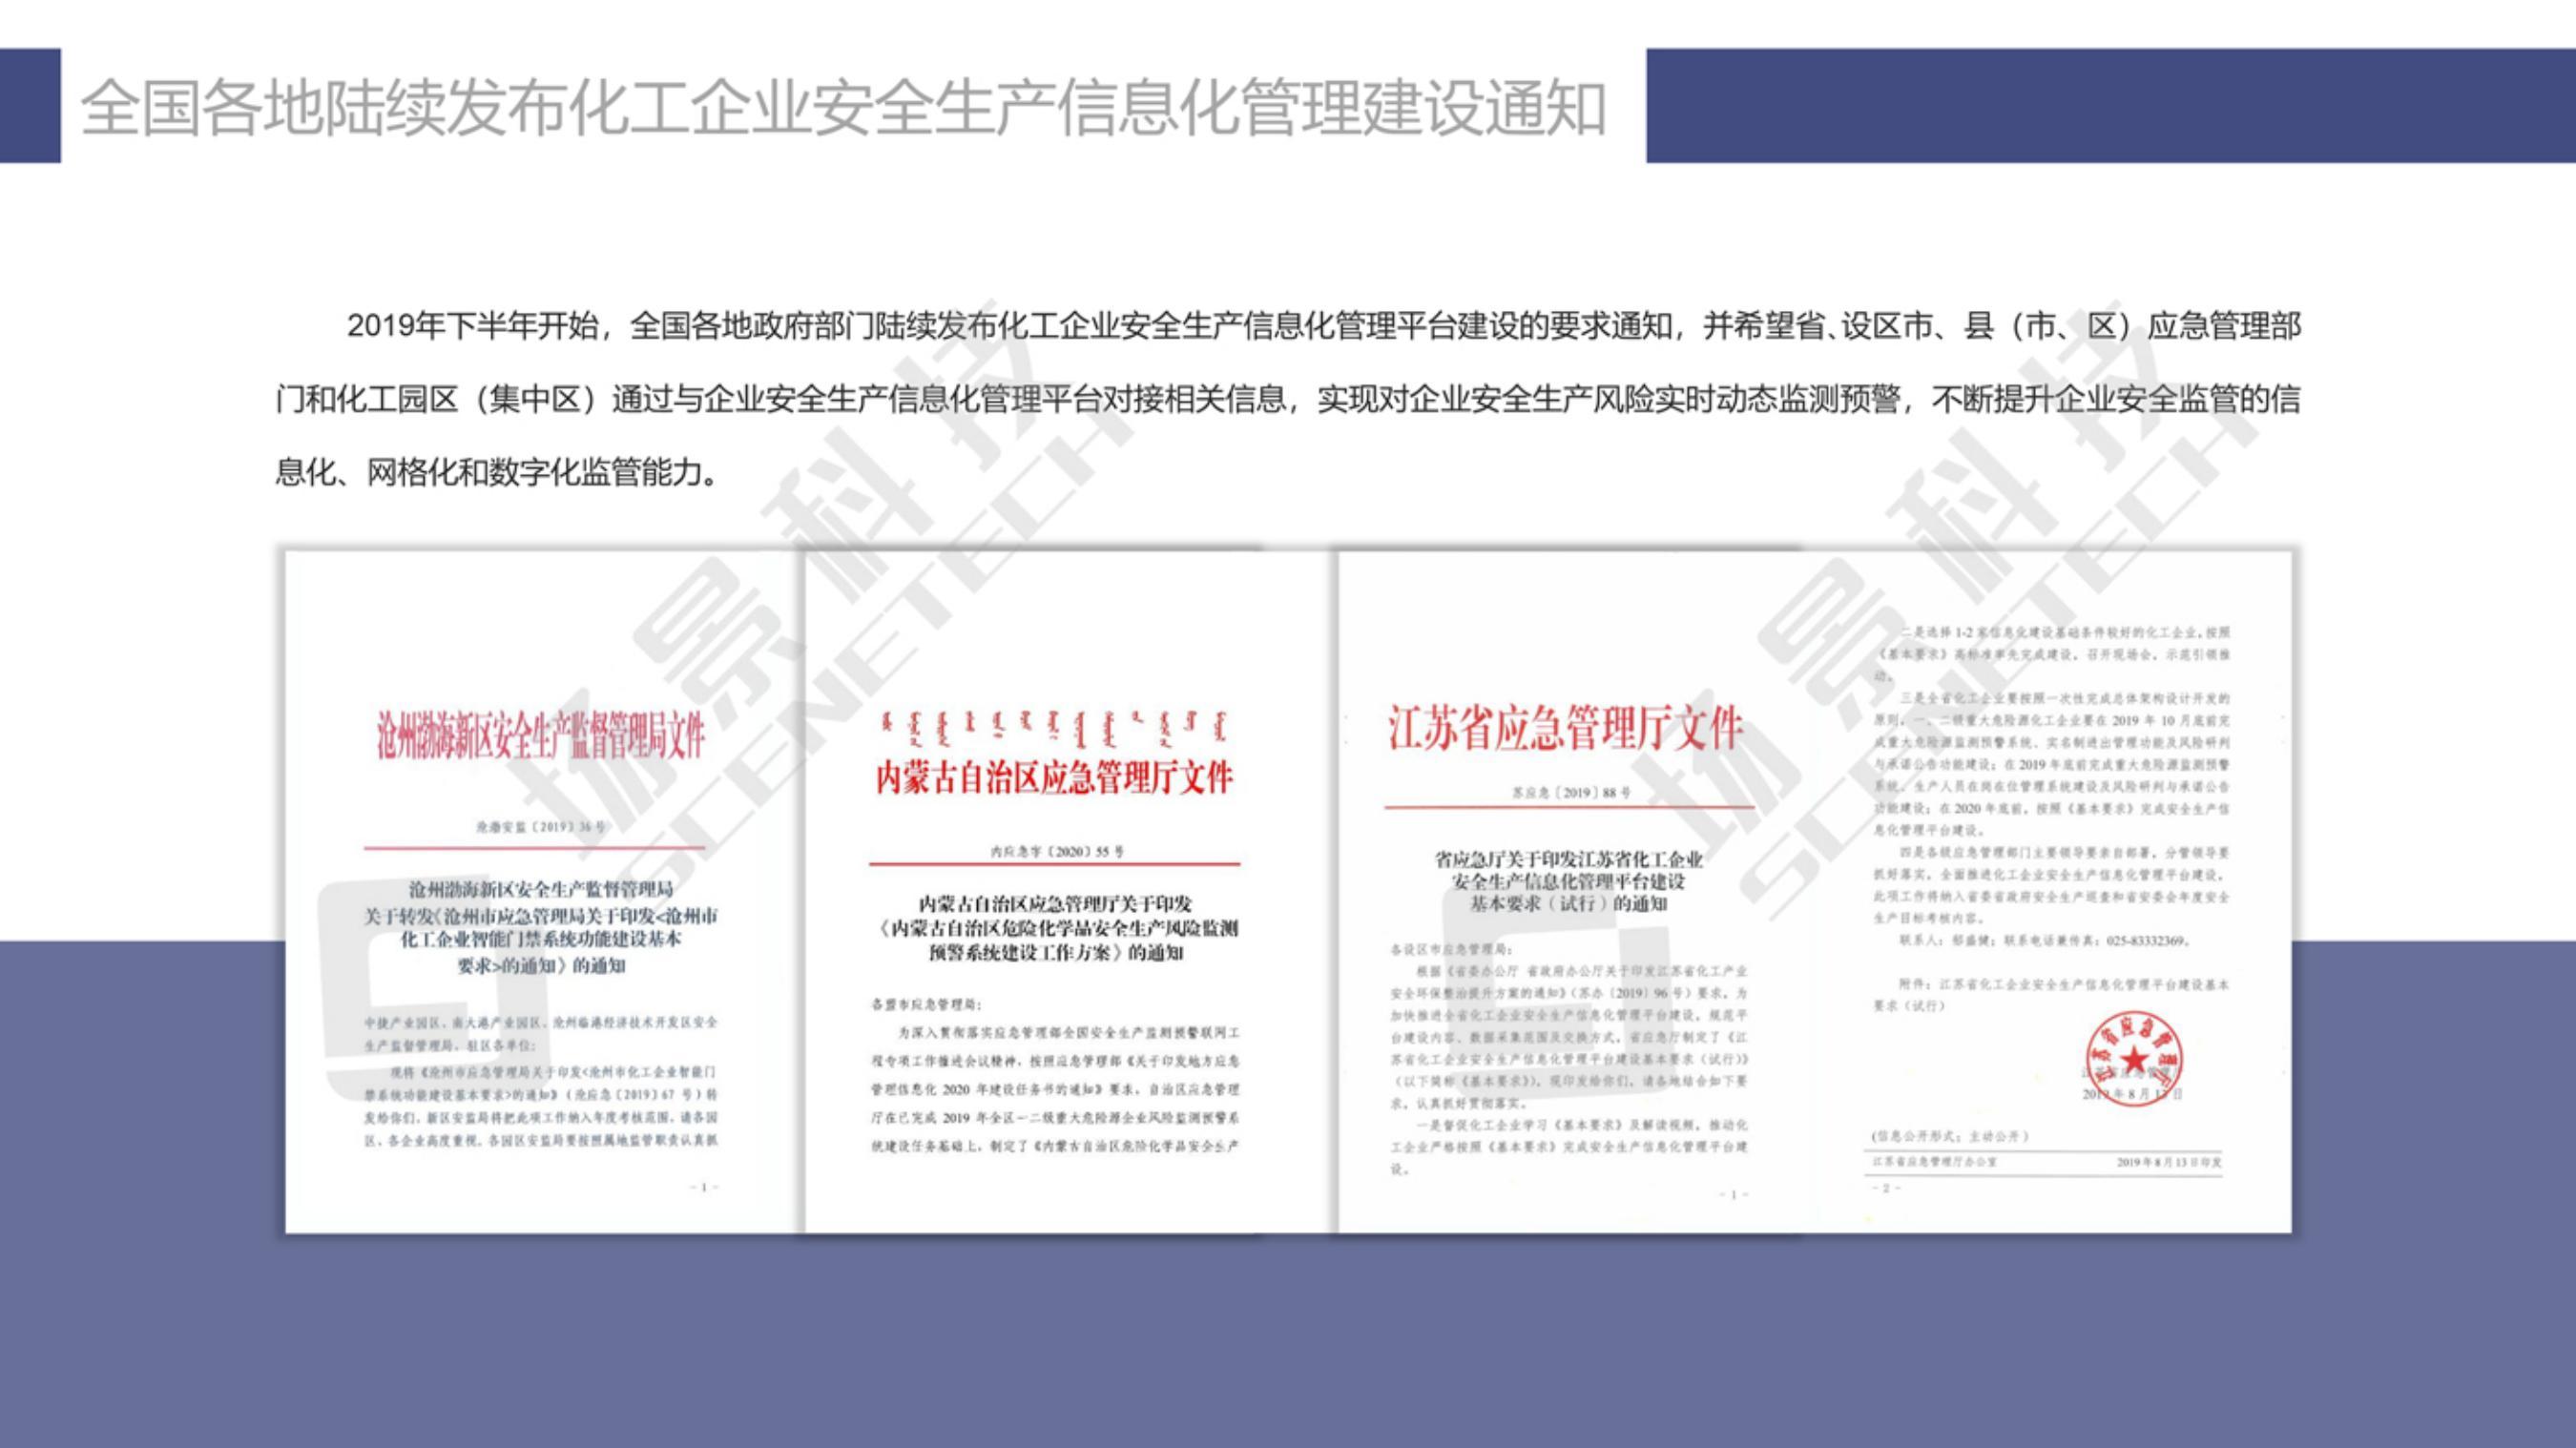 化工安全生产信息化管理解决方案20210511_02